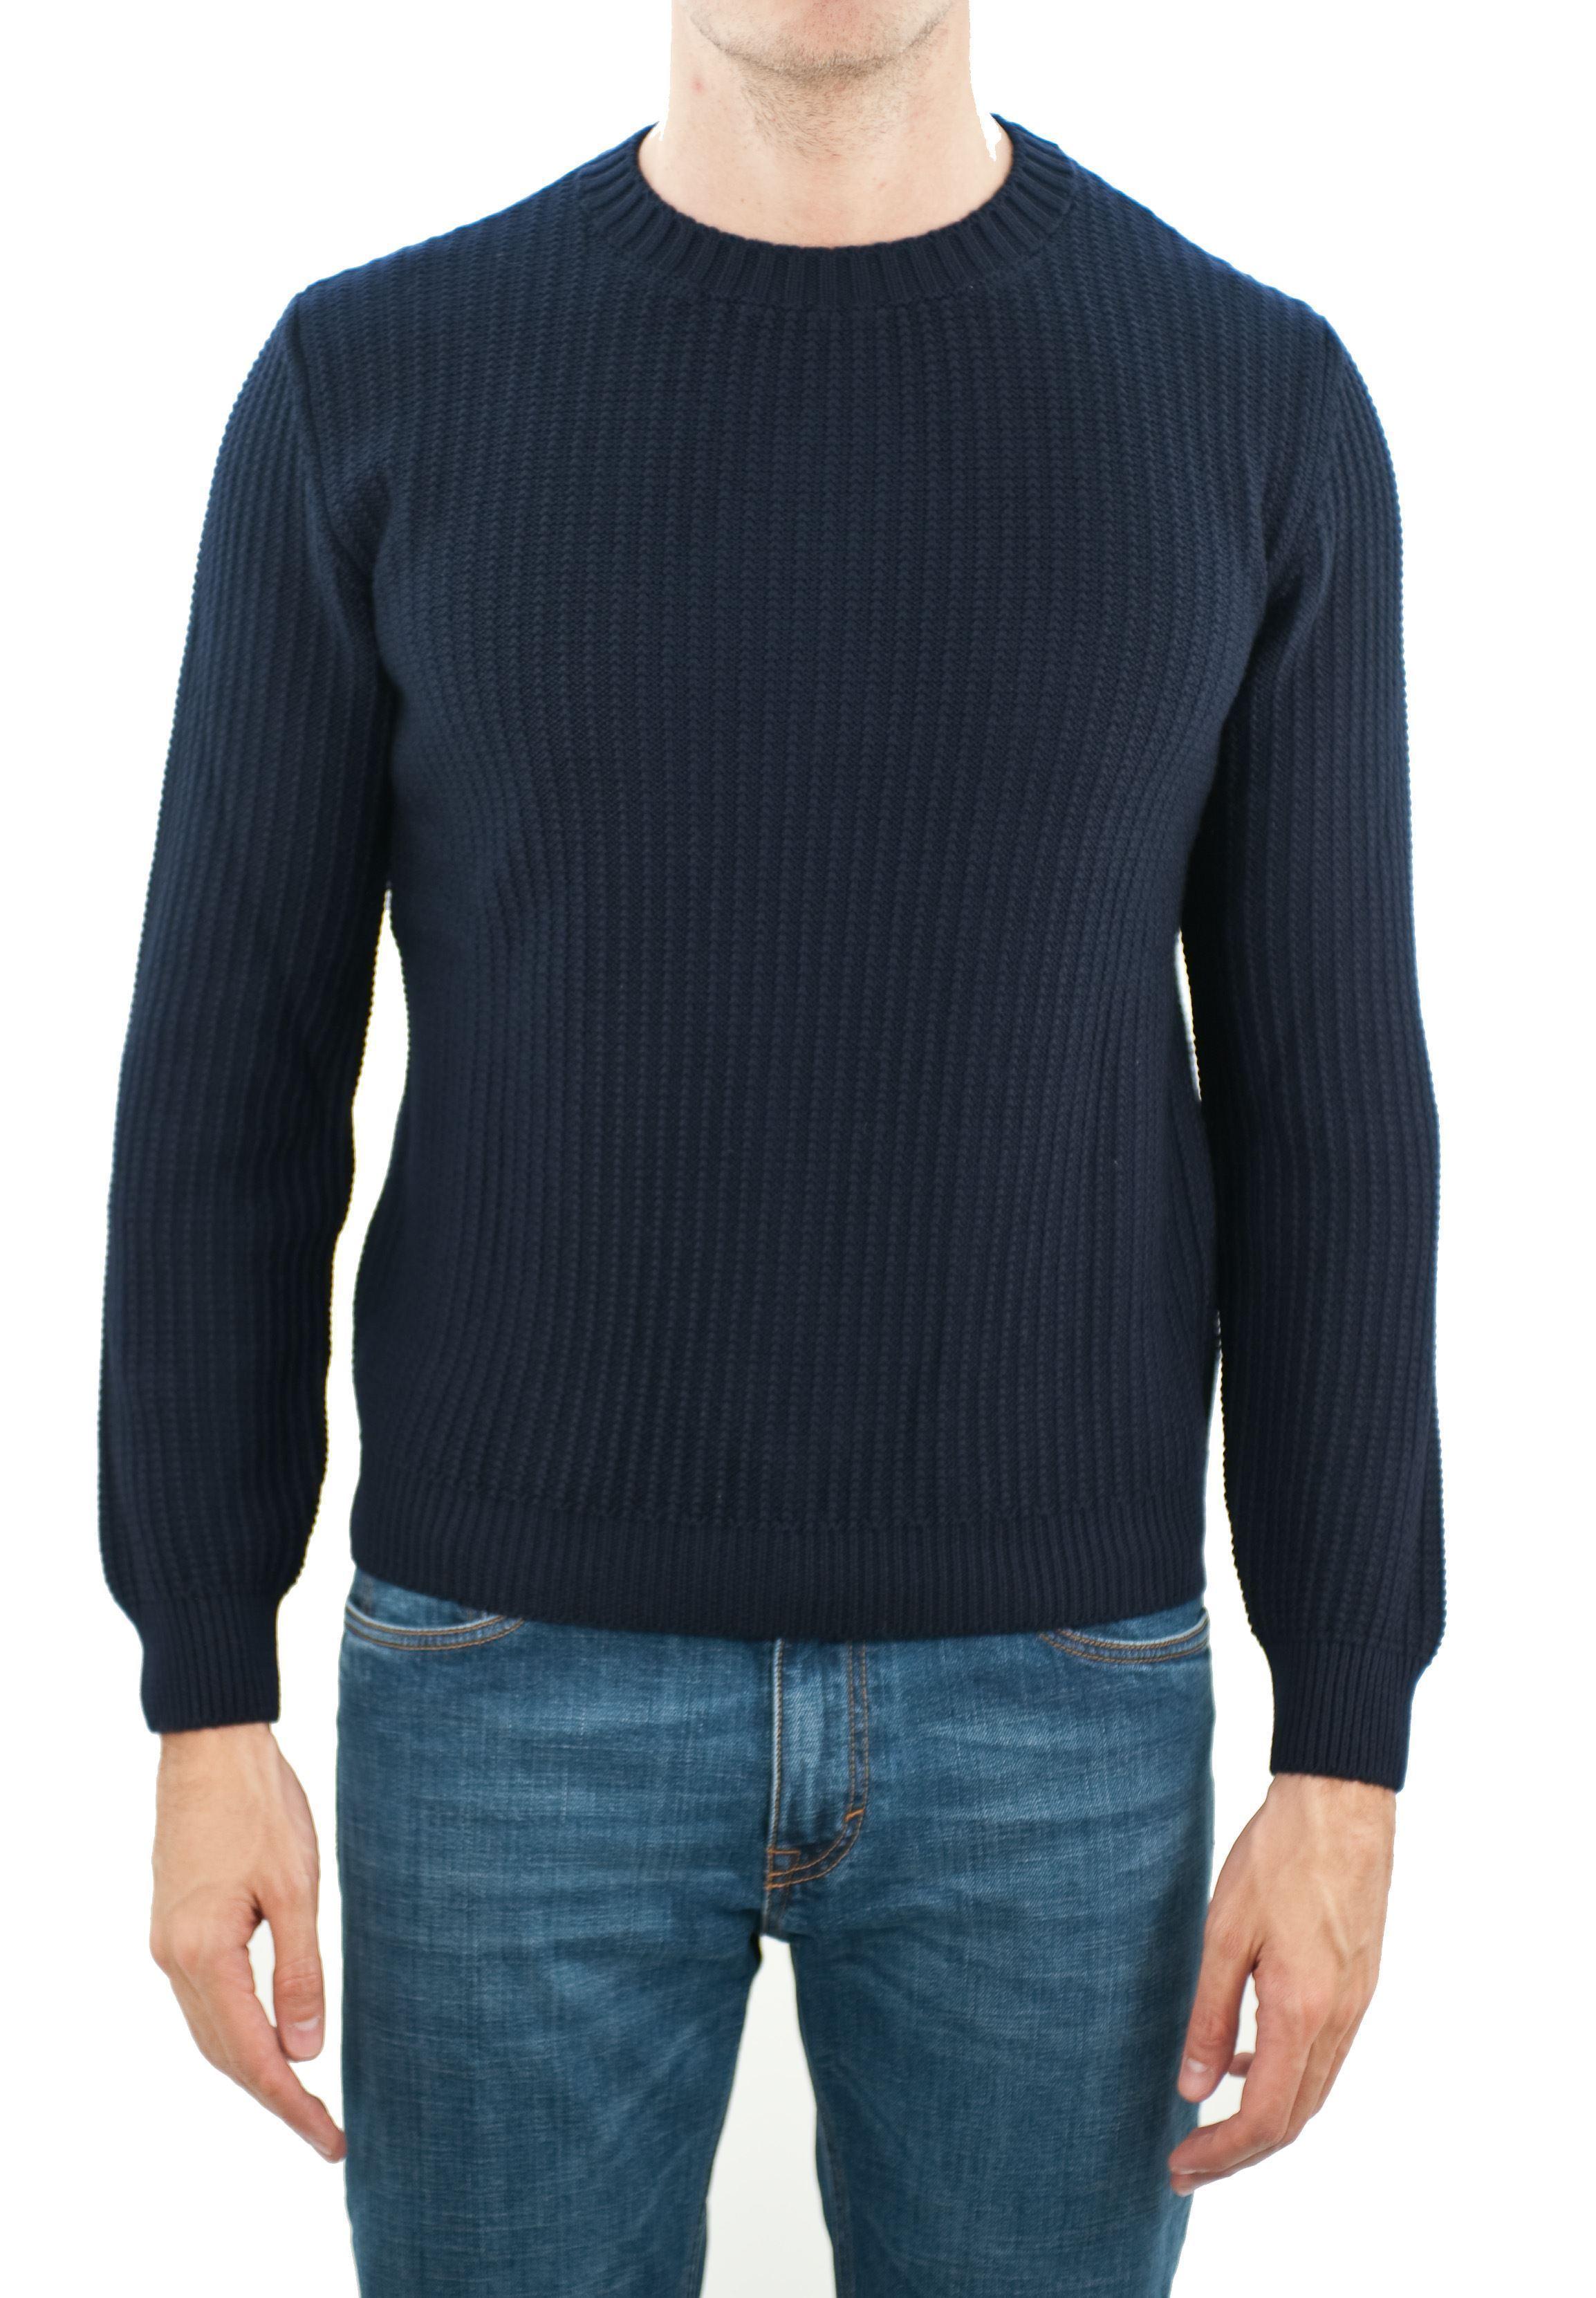 Immagine di Girocollo lana merino a coste